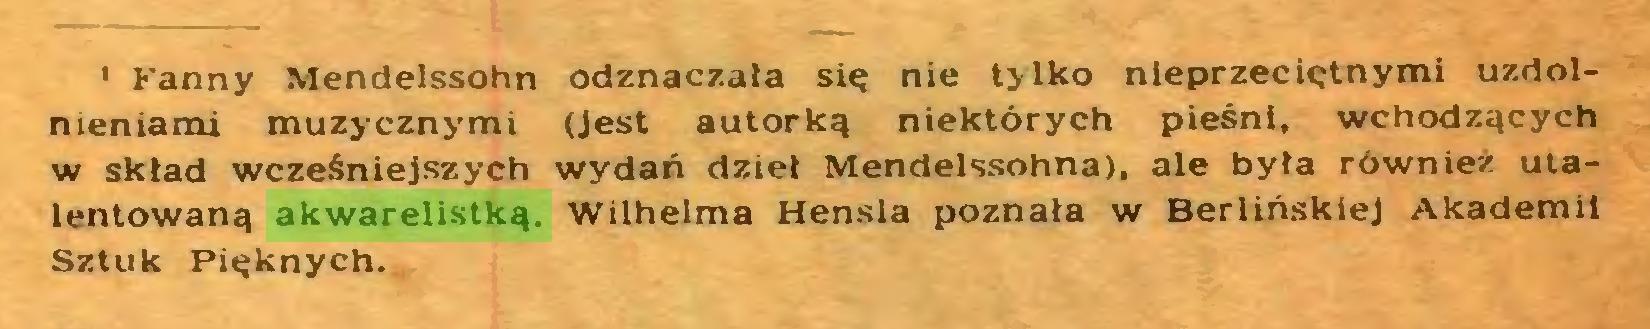 (...) 1 Kanny Mendelssohn odznaczała się nie tylko nieprzeciętnymi uzdolnieniami muzycznymi (Jest autorką niektórych pieśni, wchodzących w skład wcześniejszych wydań dzieł Mendelssohna), ale była również utalentowaną akwarelistką. Wilhelma Hensla poznała w Berlińskiej Akademii Sztuk Pięknych...